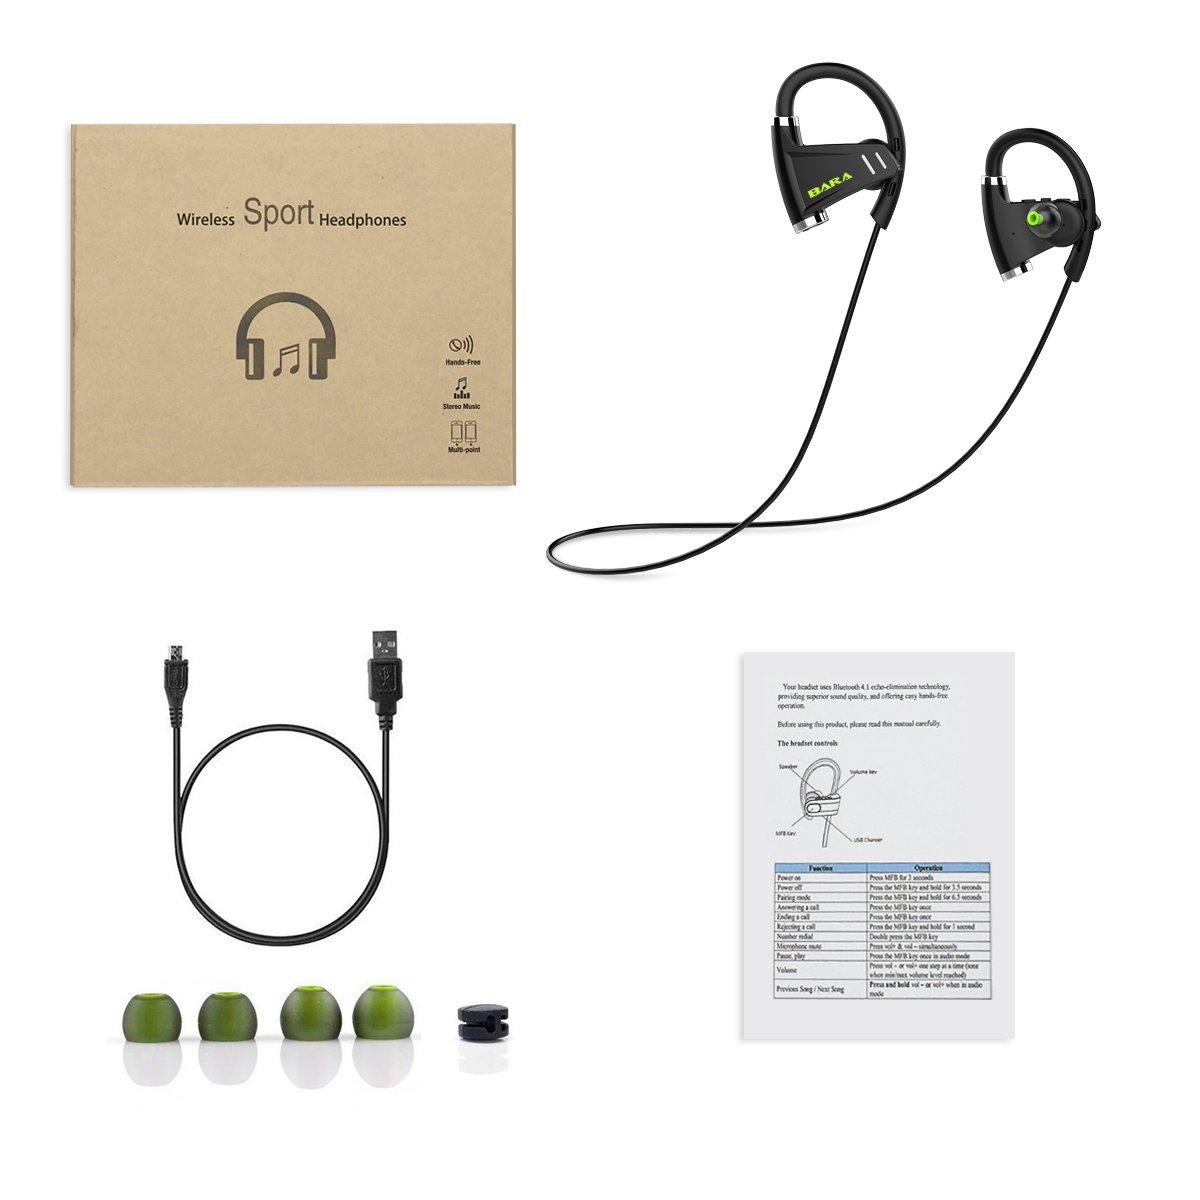 /Écouteurs Bluetooth 4.1 Sports /Écouteurs Noir Intra-Auriculaires avec Microphone CVC6.0 antibruit // Mains libres//IPX6 BARA E3 Sans Fil St/ér/éo Oreillettes